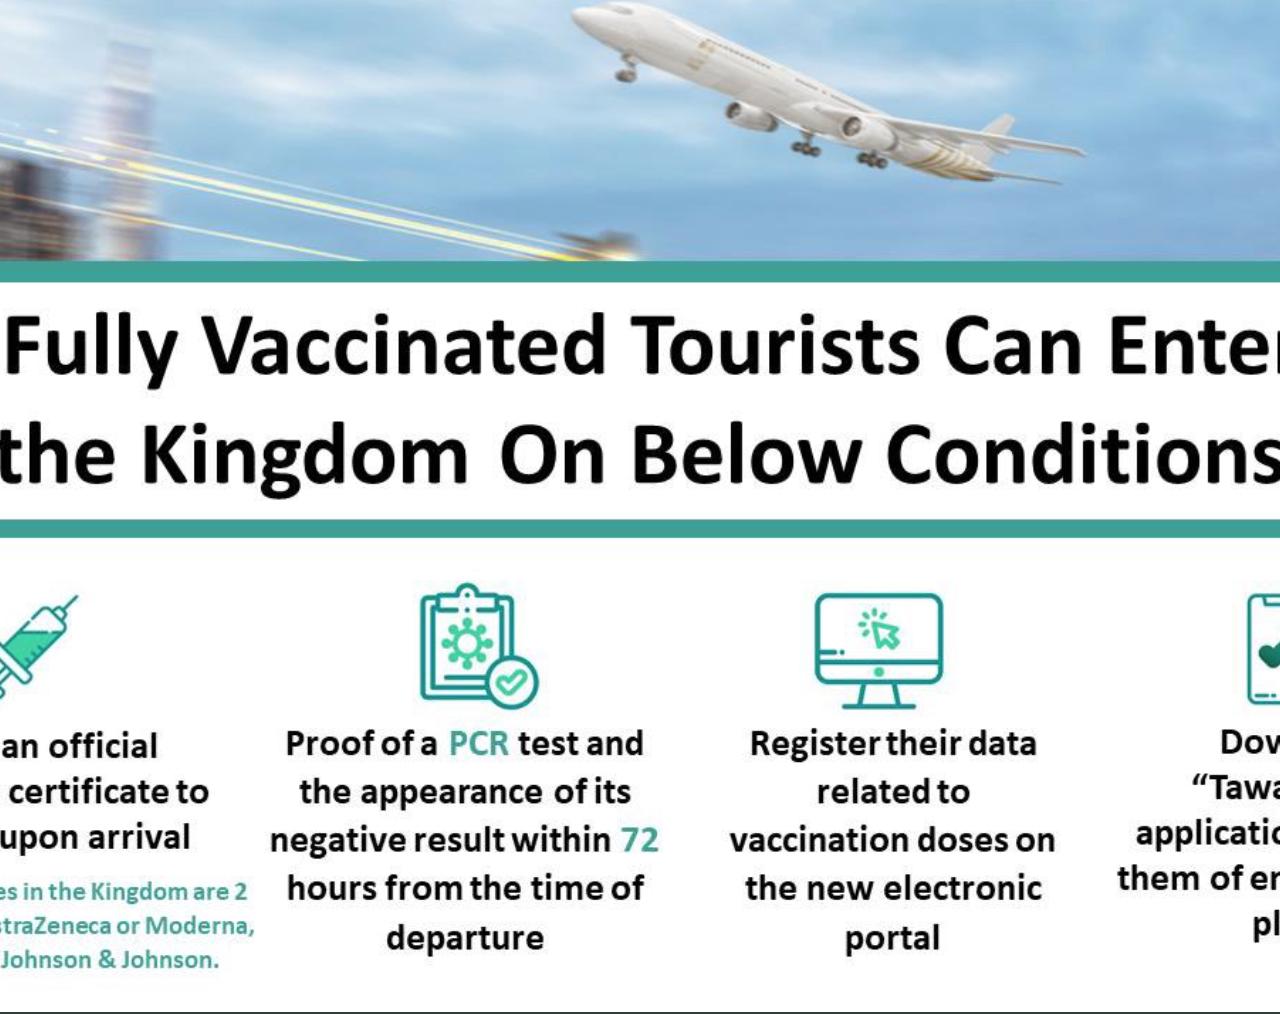 Arabie Saoudite: Les voyageurs entièrement vaccinés peuvent désormais entrer sans quarantaine dans le pays